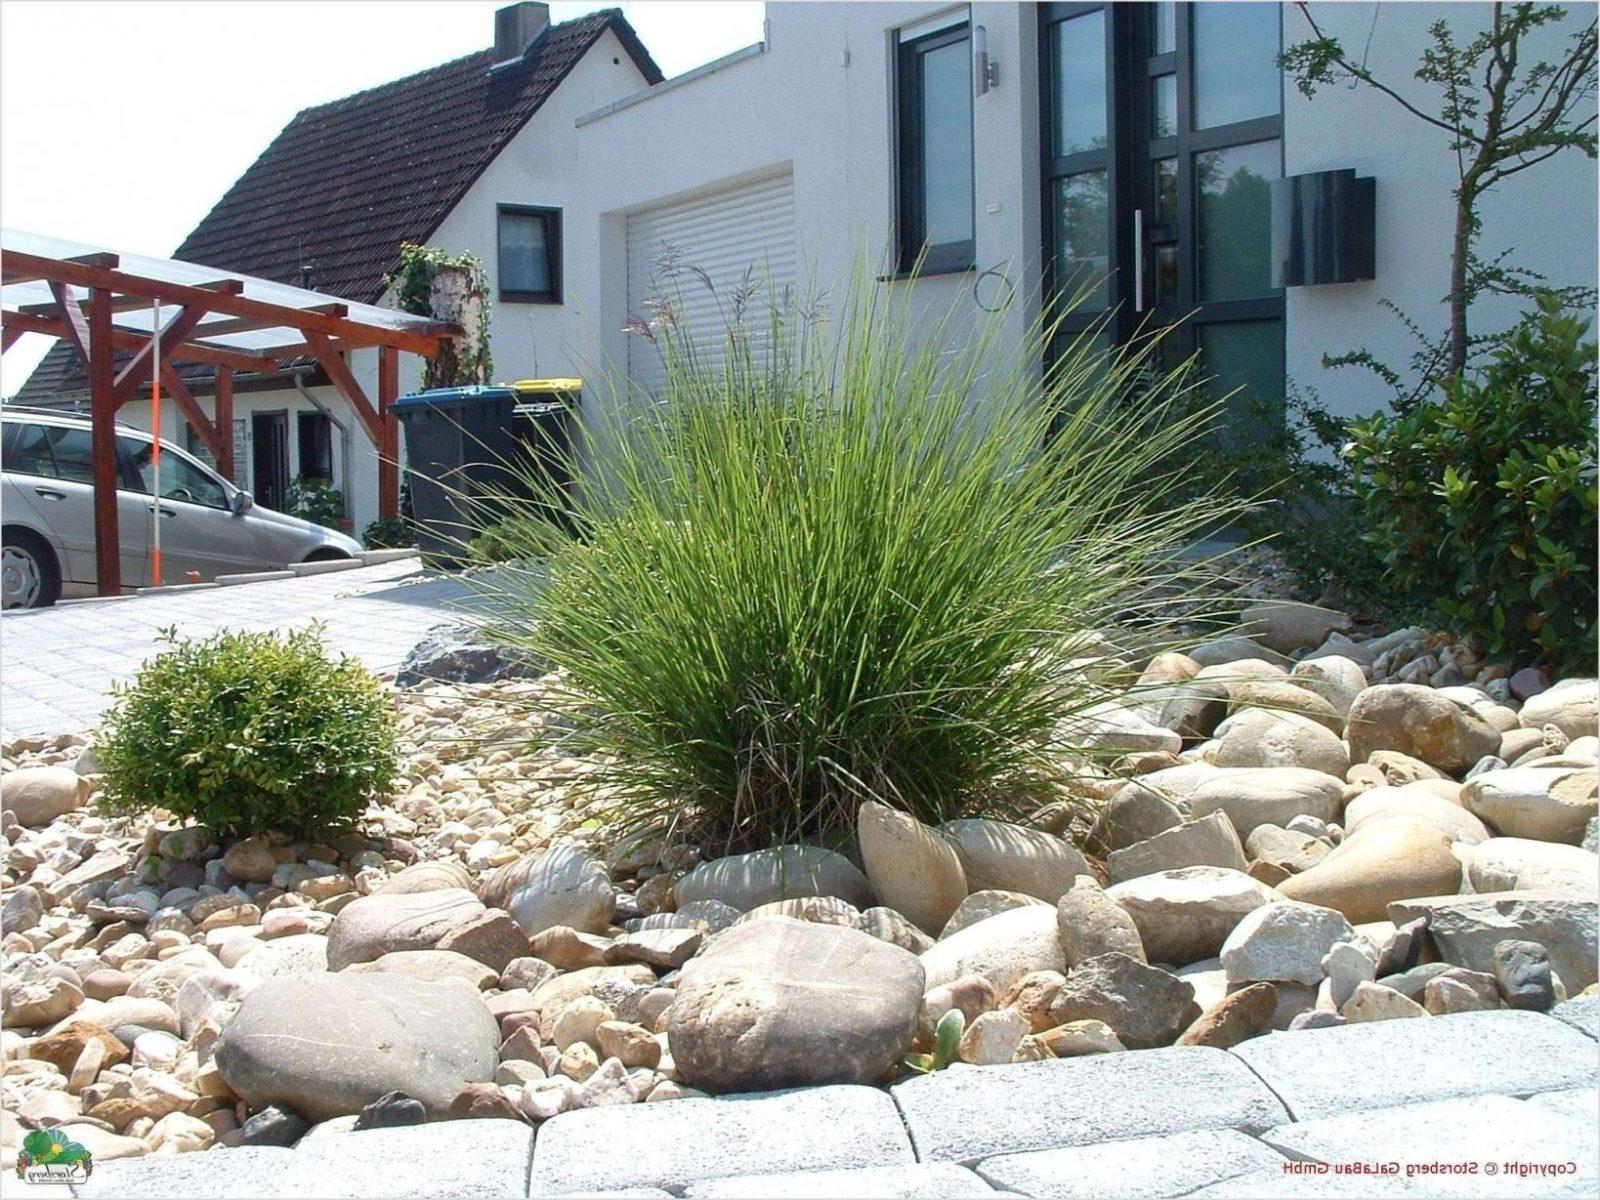 20 Schön Frisch Gartengestaltung Mit Steinen Und Grasern Modern von Garten Mit Steinen Gestalten Bild